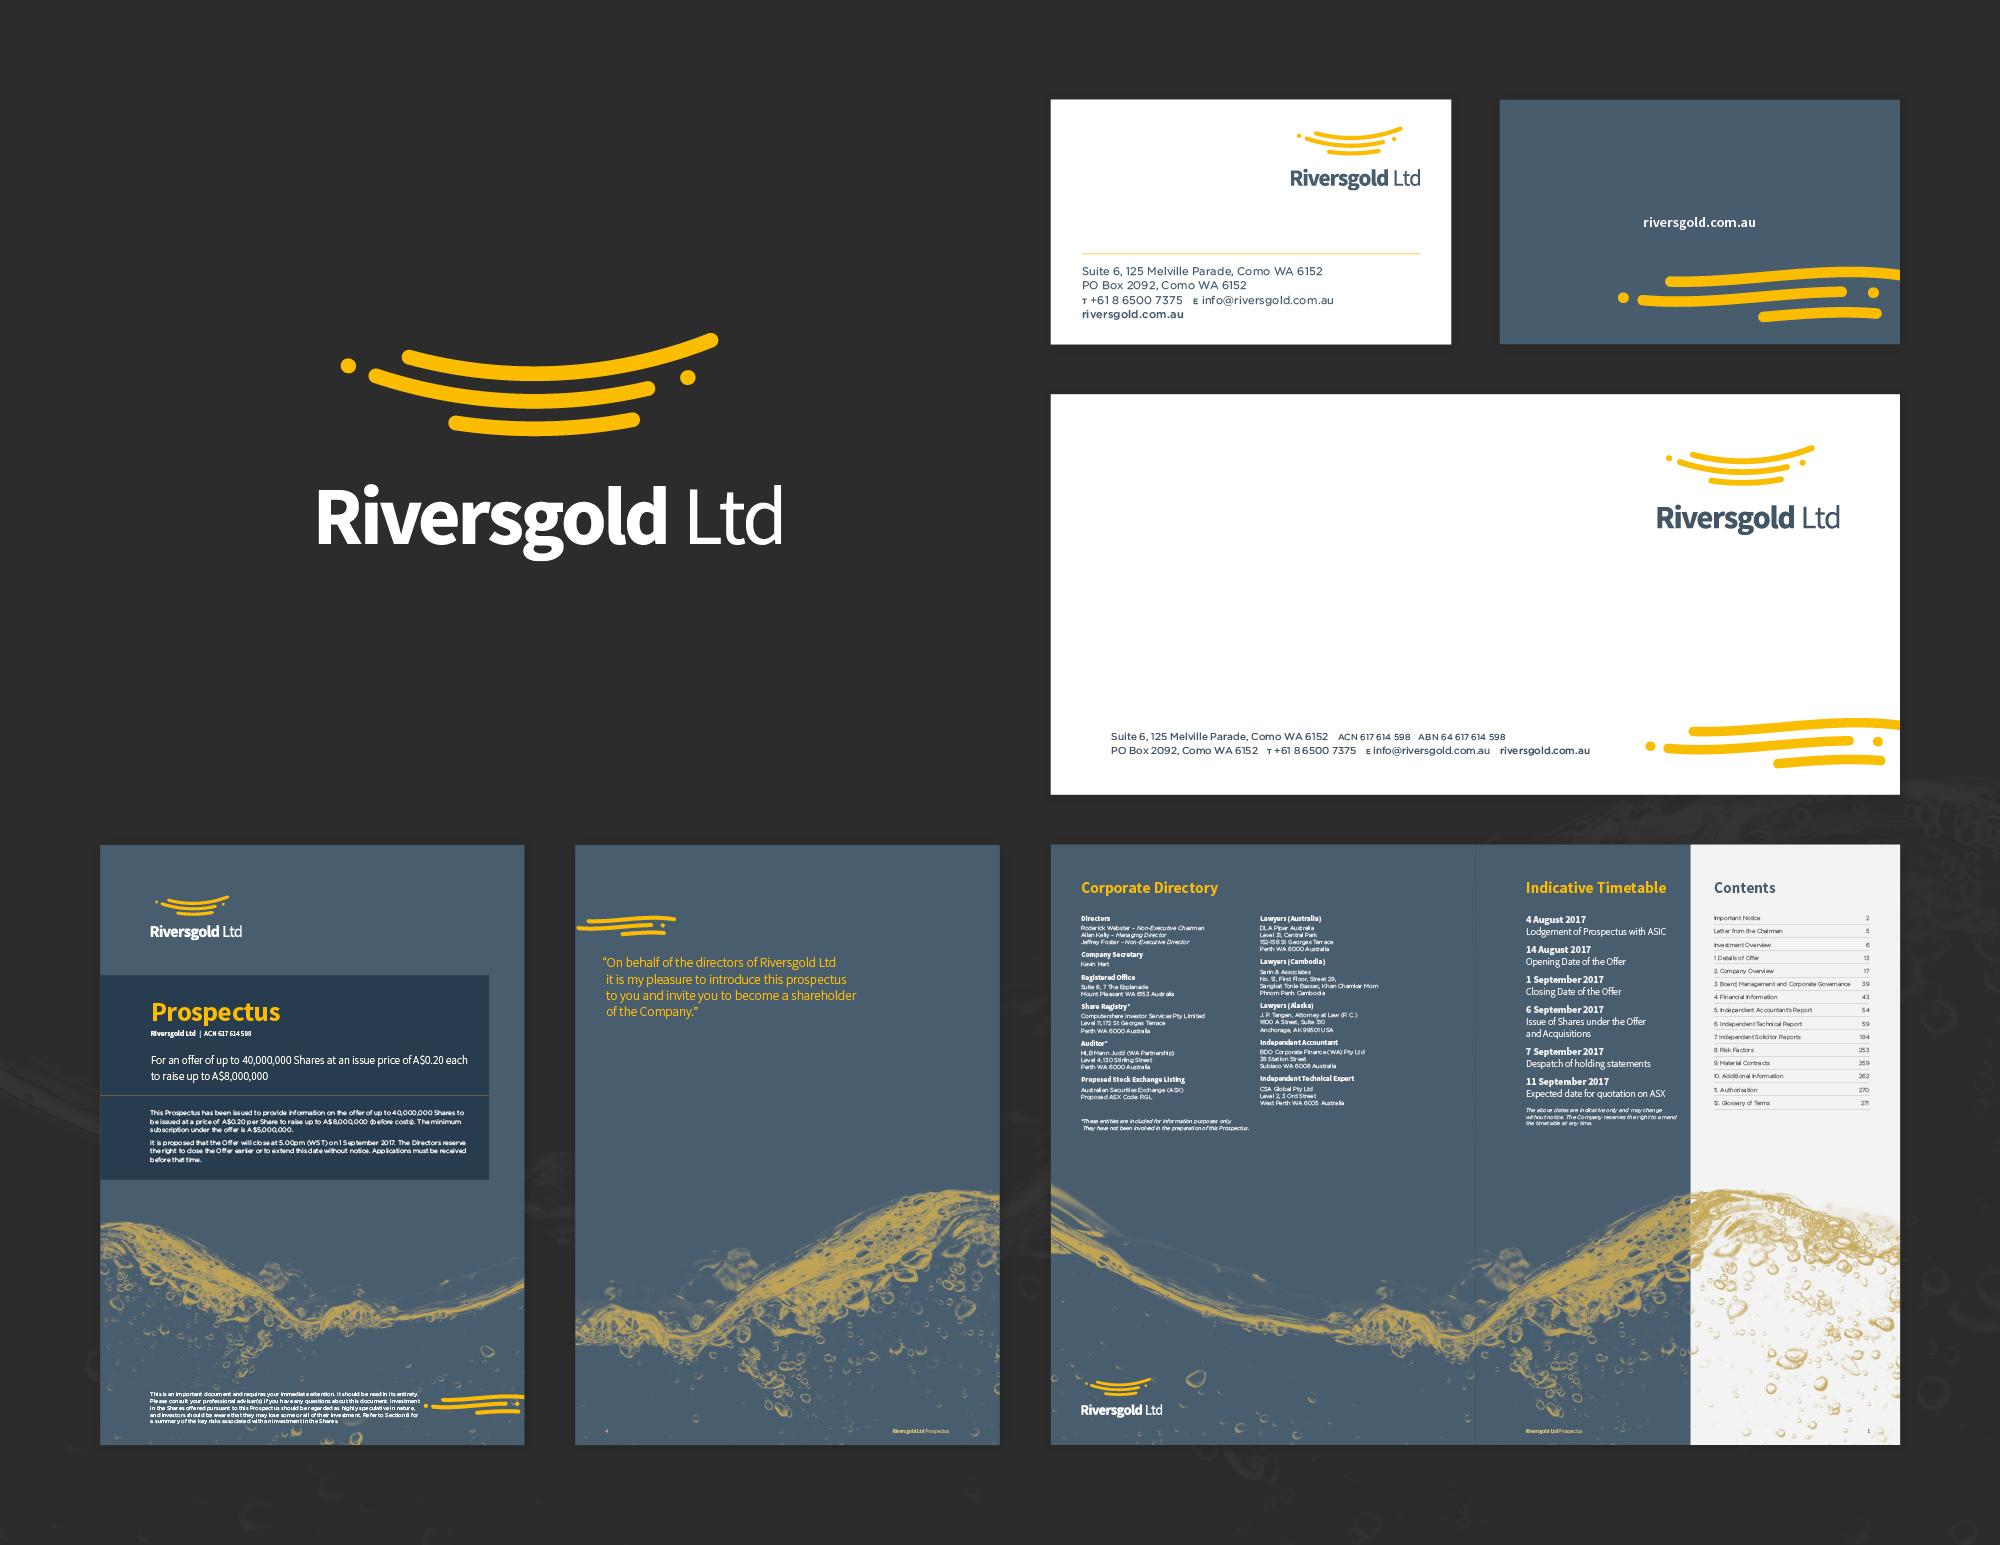 Riversgold Ltd Identity